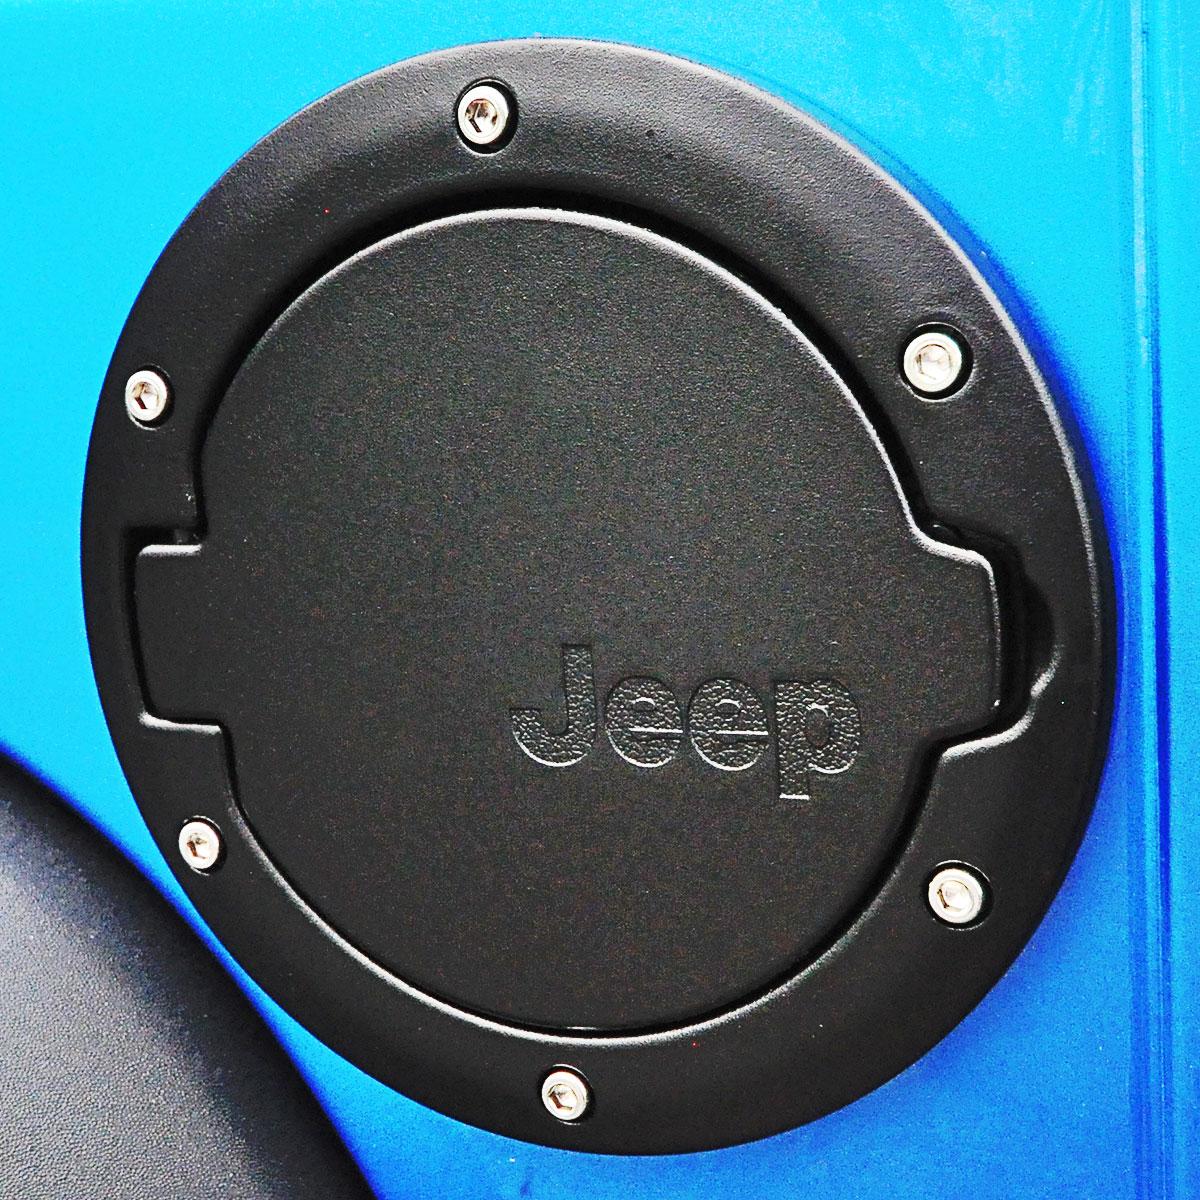 Satin Black Fuel Filler Cap